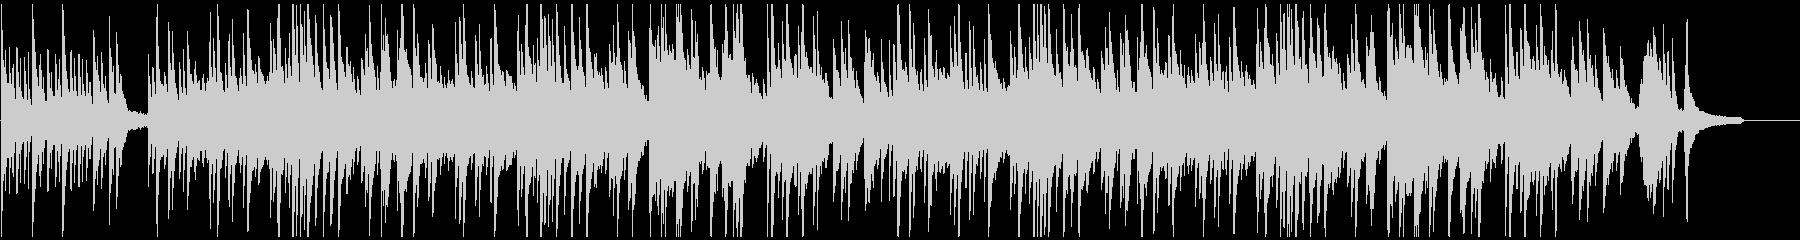 暗く悲しいイメージのピアノヒーリング曲の未再生の波形